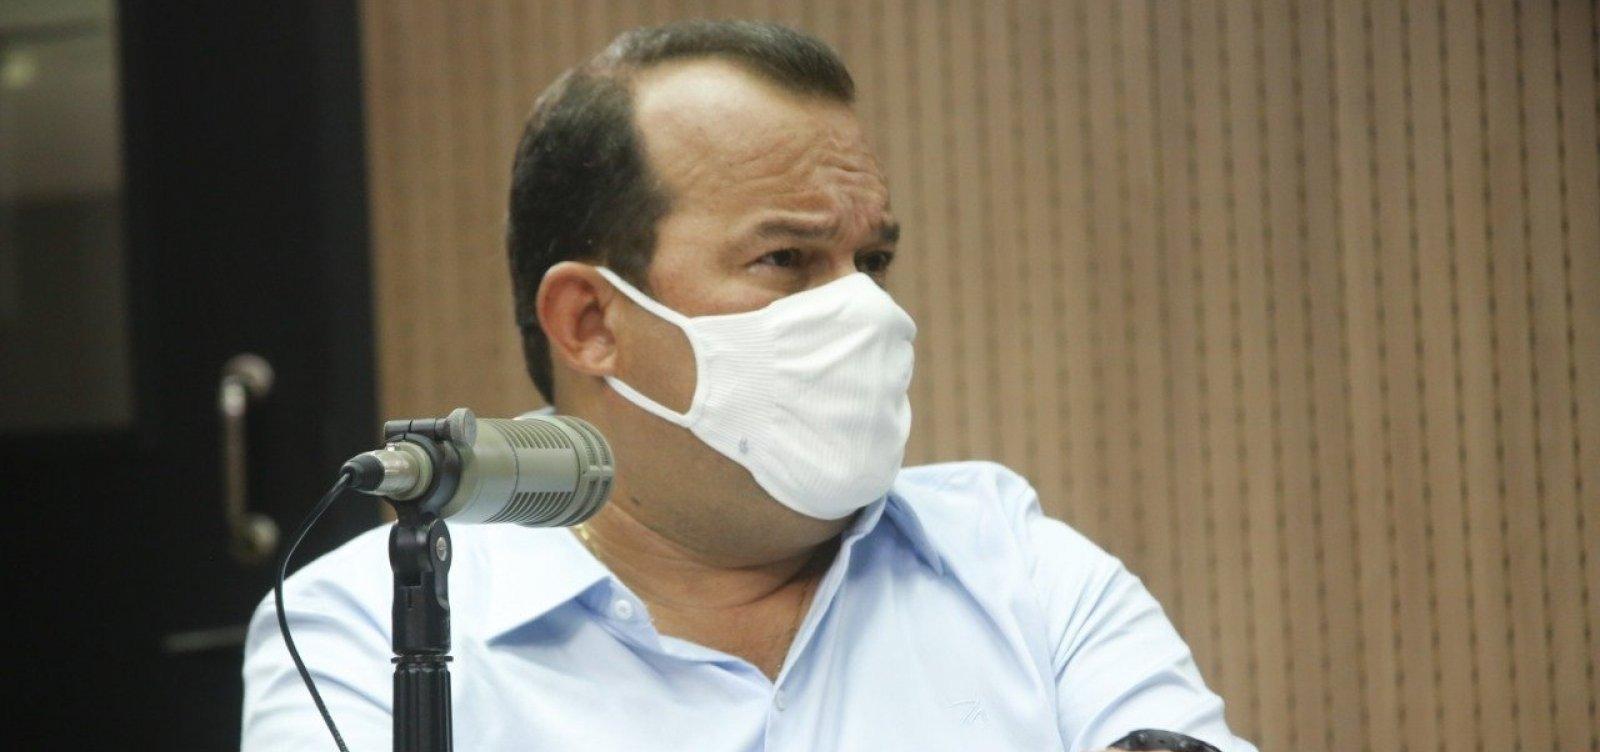 Geraldo Junior solicita inclusão de mães lactantes na vacinação contra Covid